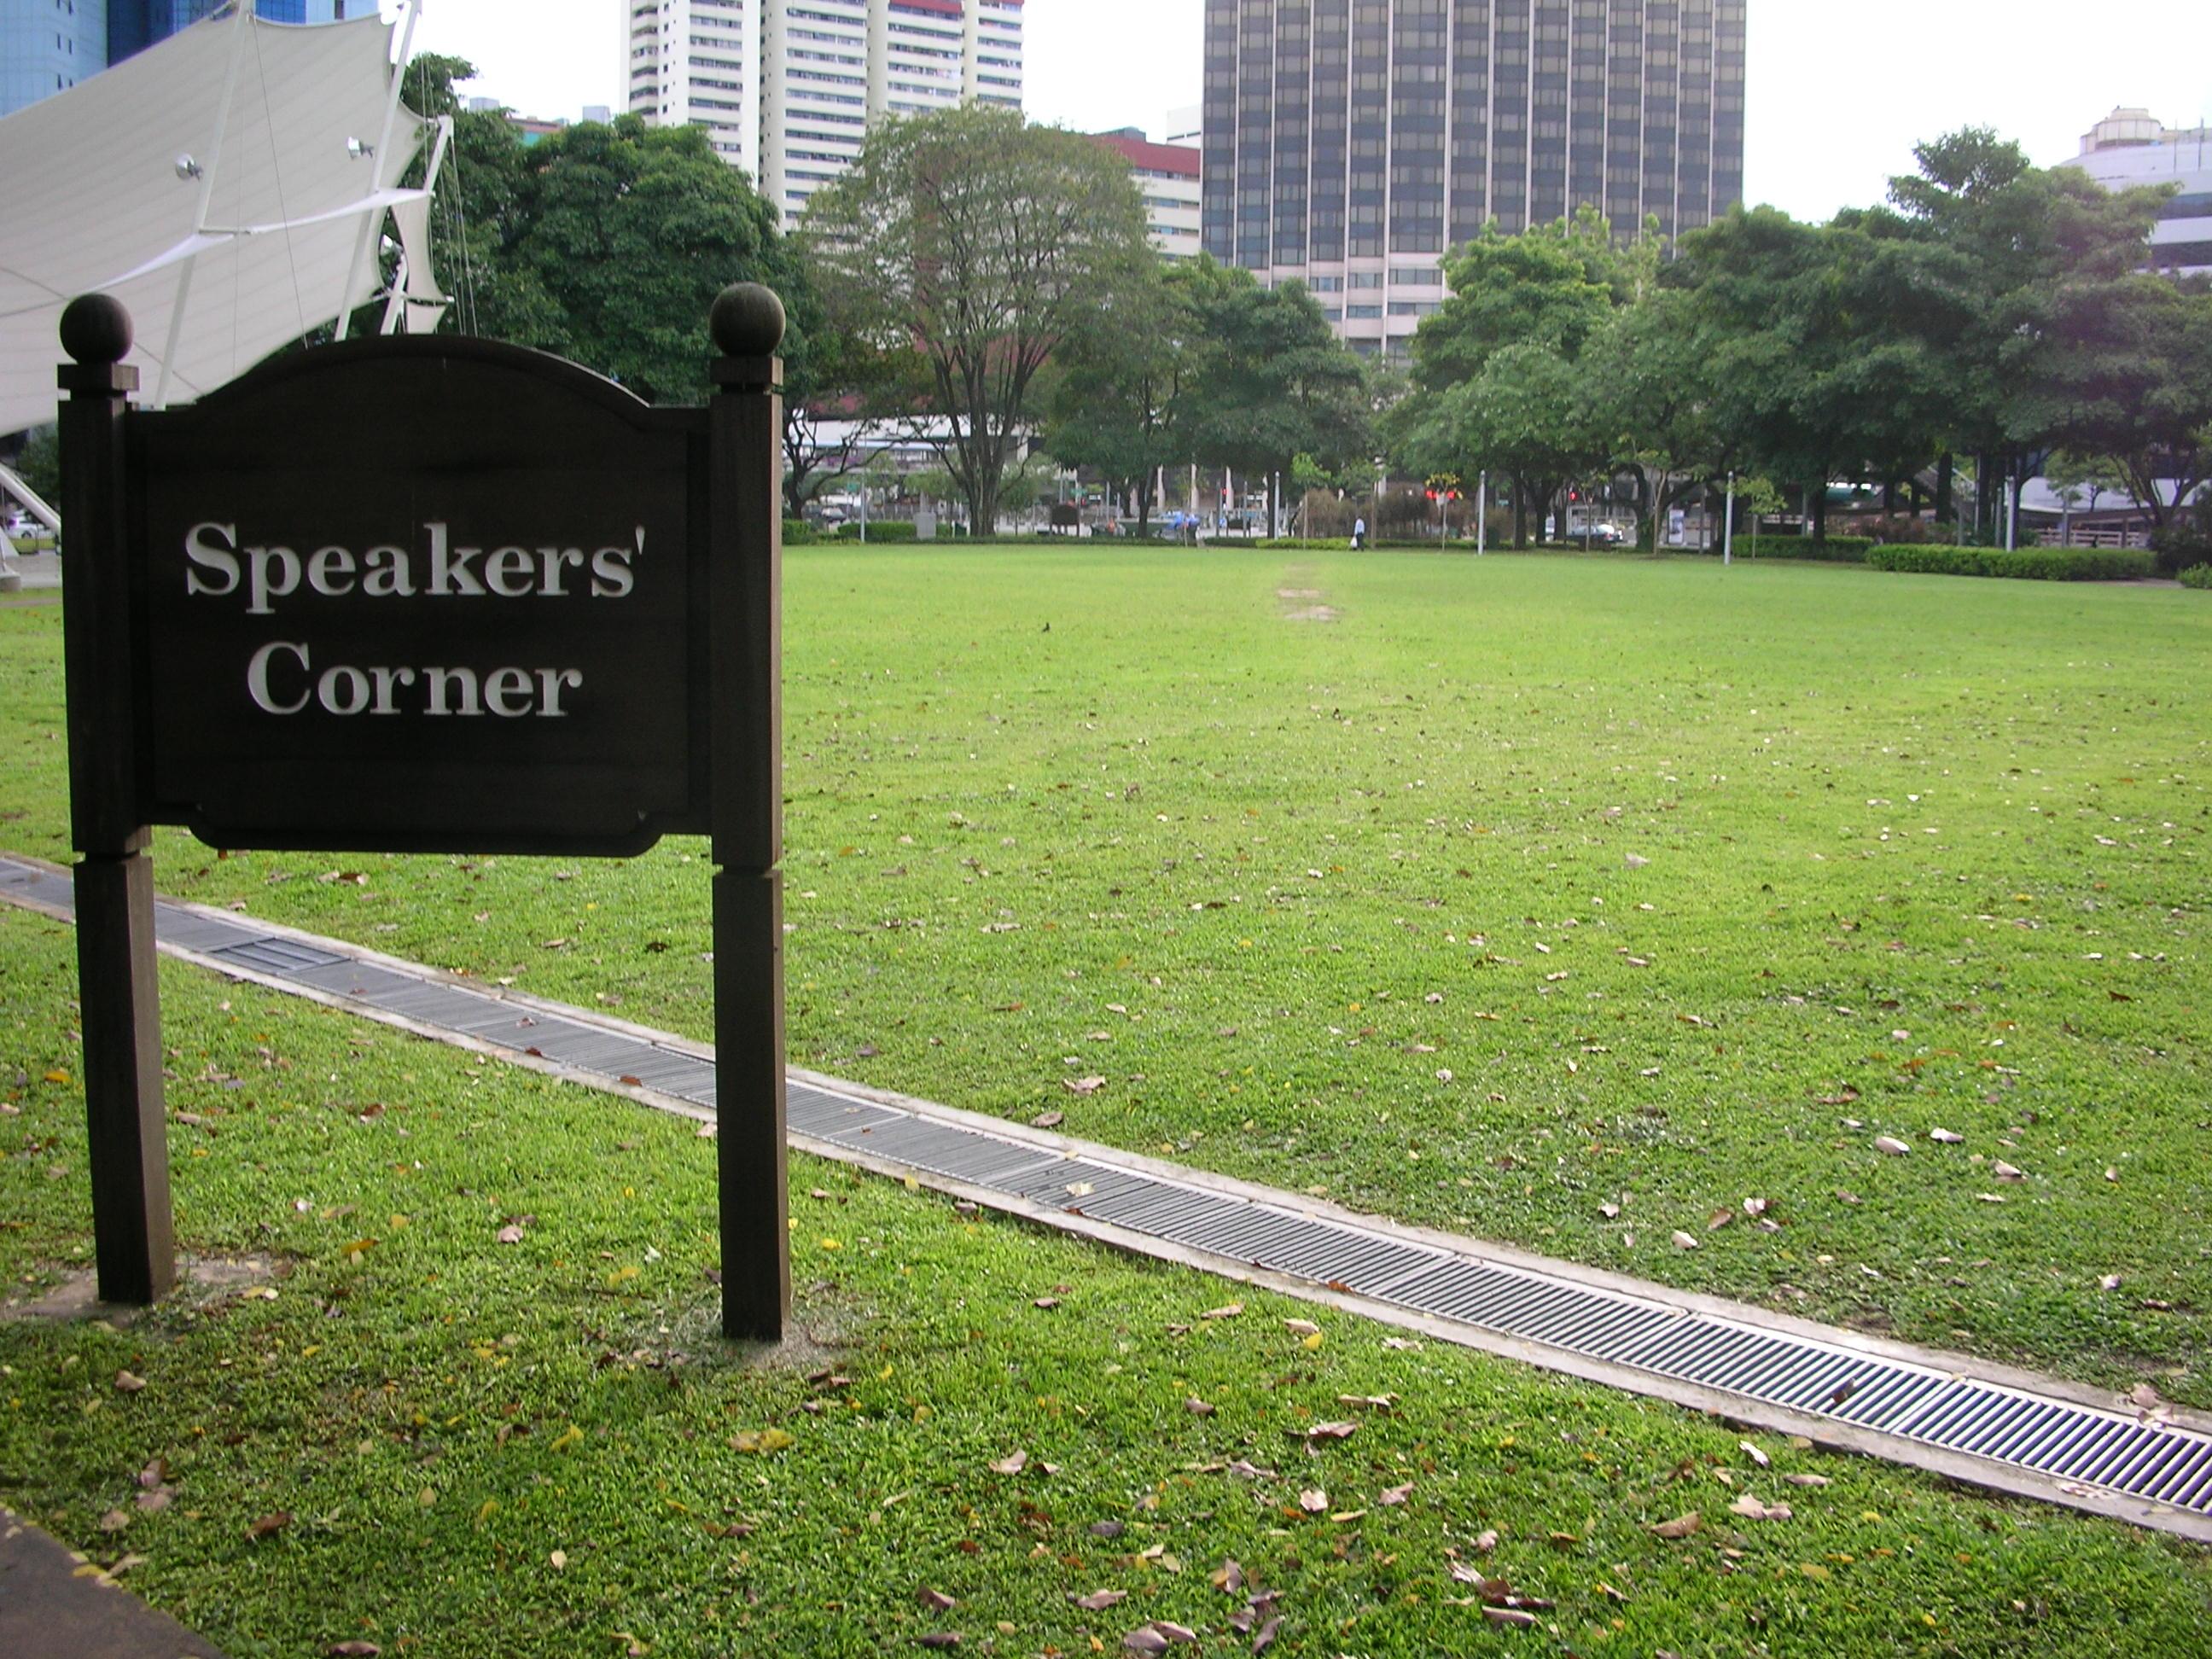 Deserted Speakers' Corner - Singapore (gabbe).jpg